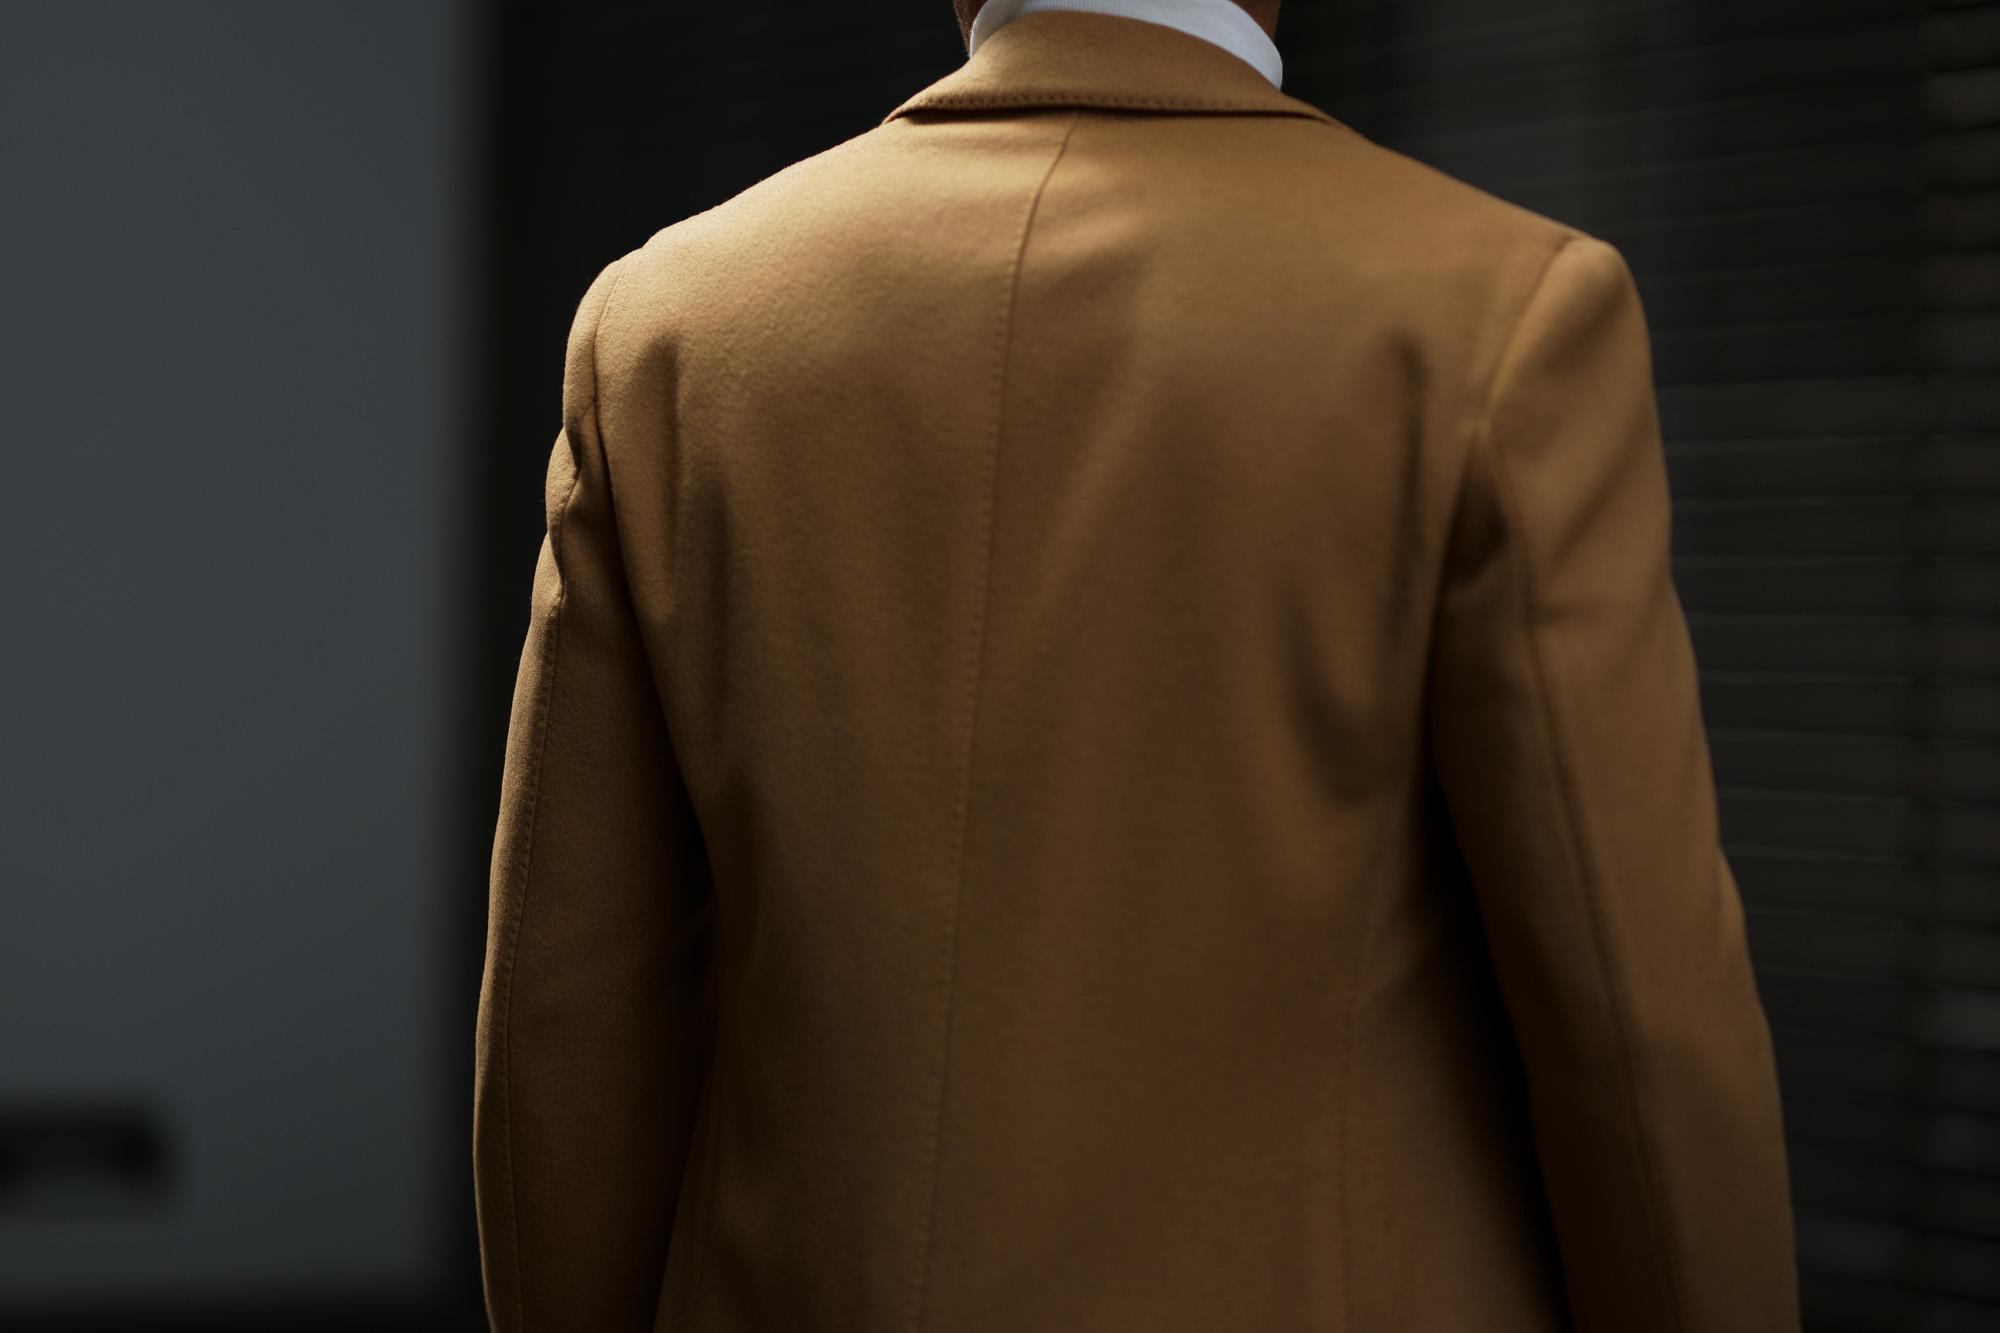 LARDINI (ラルディーニ) Spolverino Chester coat (スポルベリーノ チェスターコート) フラノウール生地 シングル チェスターコート CAMEL (キャメル・1) Made in italy (イタリア製) 2018 秋冬新作 alto e diritto altoediritto アルトエデリット